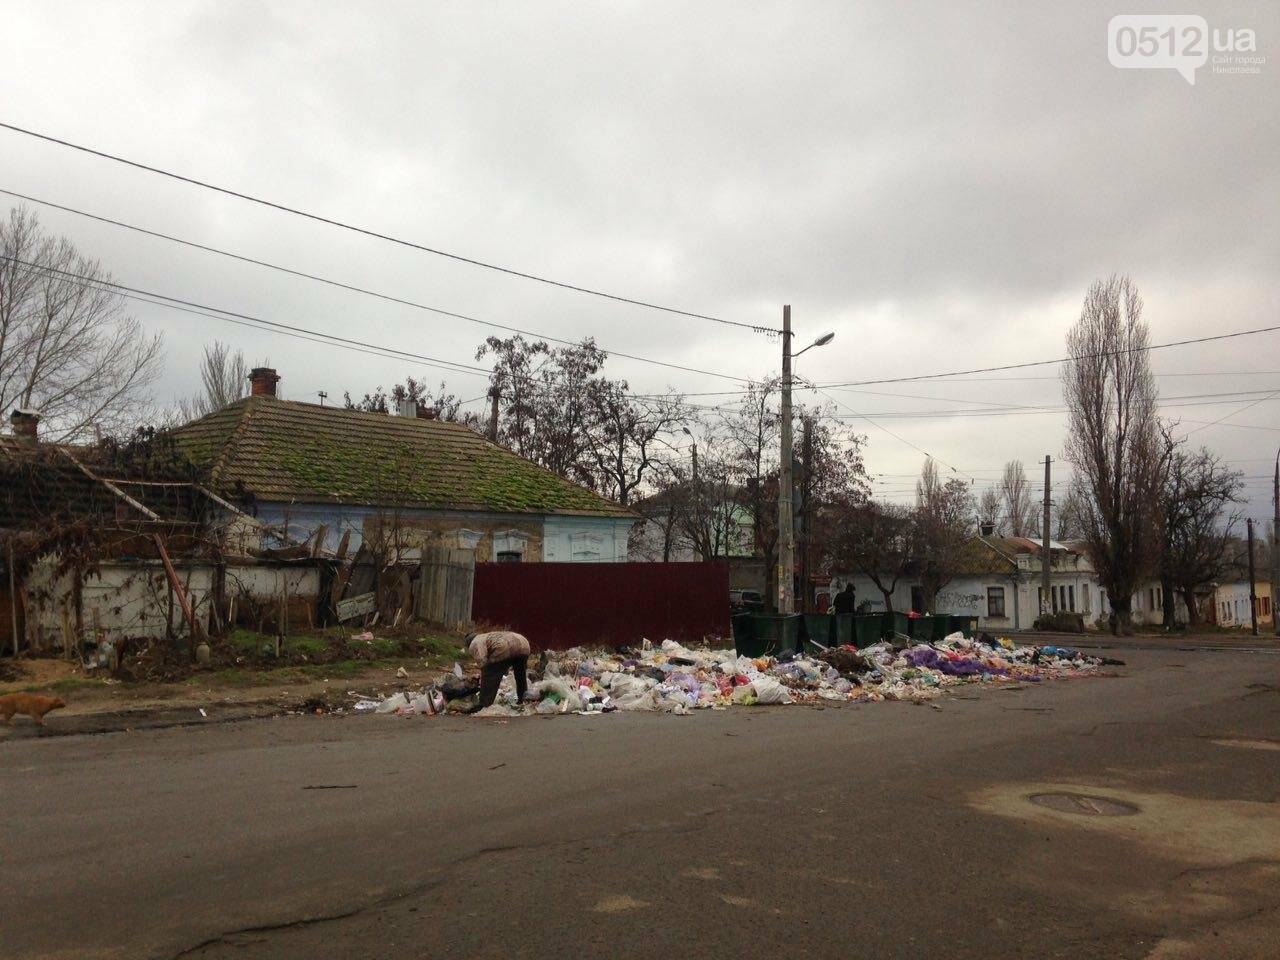 Мусорный коллапс: жители Николаева возмутились горами мусора, который не вывозят коммунальщики , фото-3